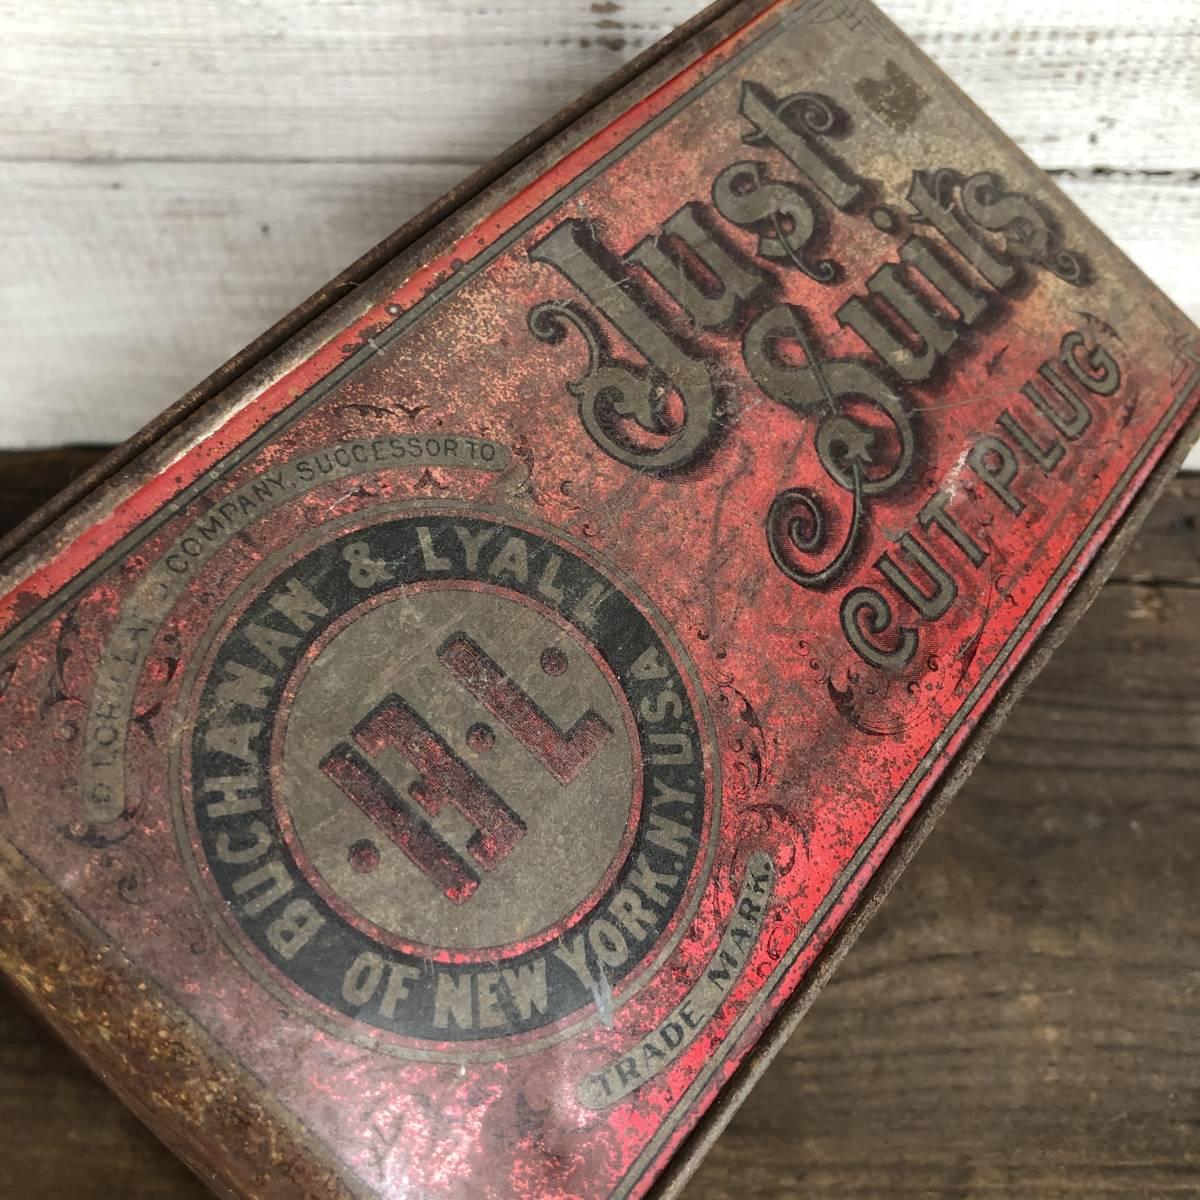 即決 Just Suits ヴィンテージ缶 タバコ USA / アメリカン雑貨 ガレージ ジャンク シャビー アンティーク 収納 古着 看板_画像10